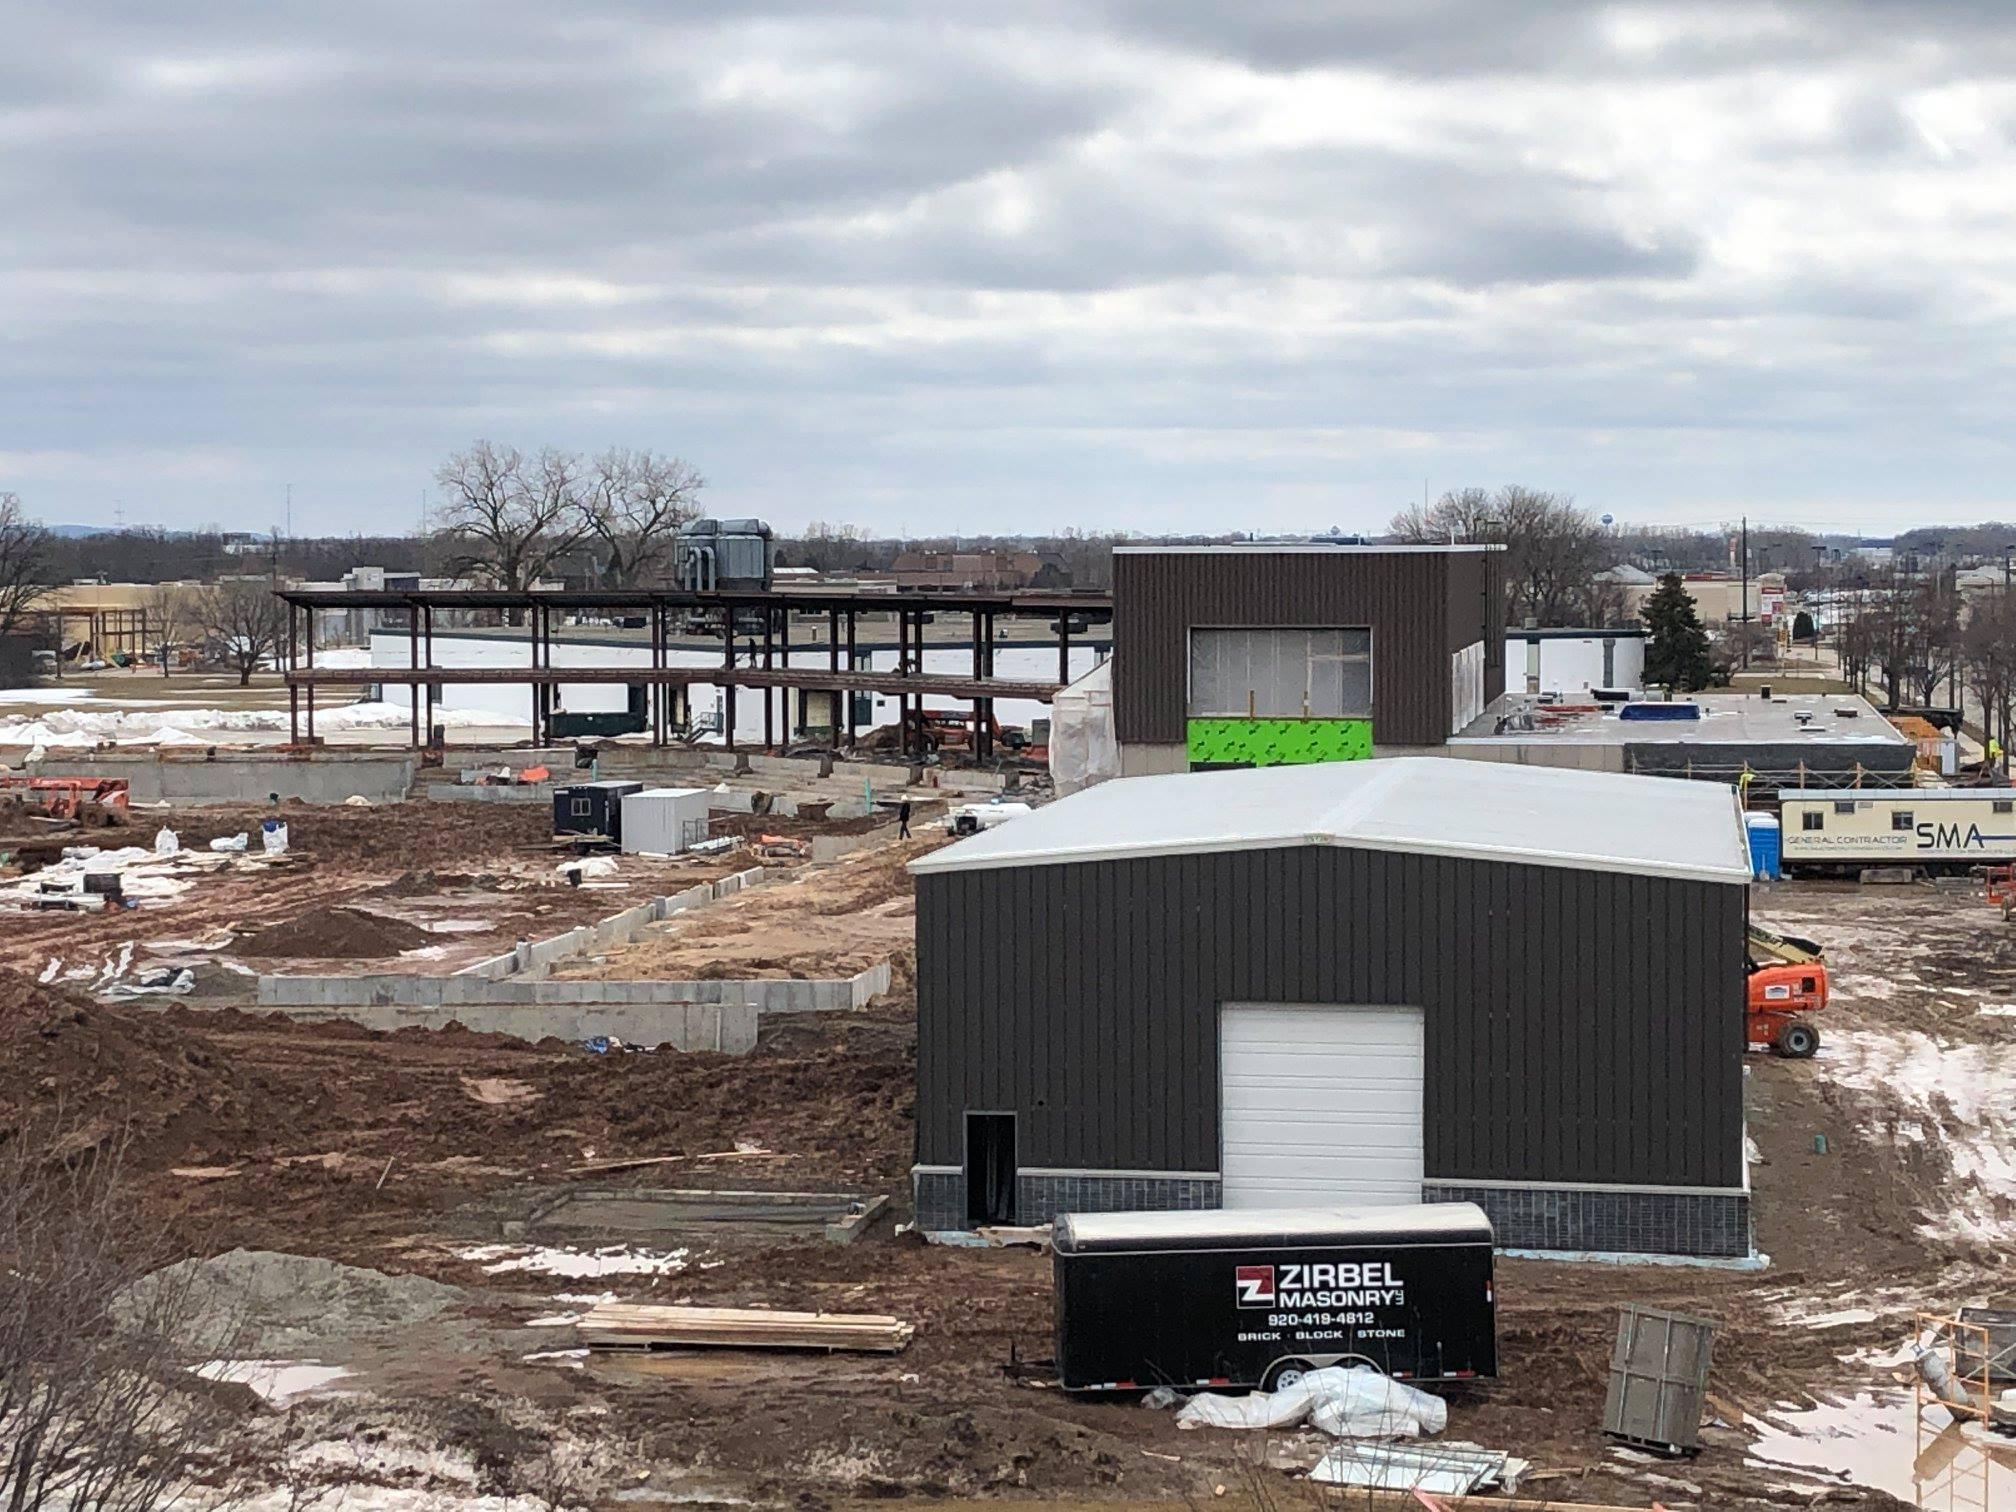 Capital Credit Union Park under construction, March 2019.